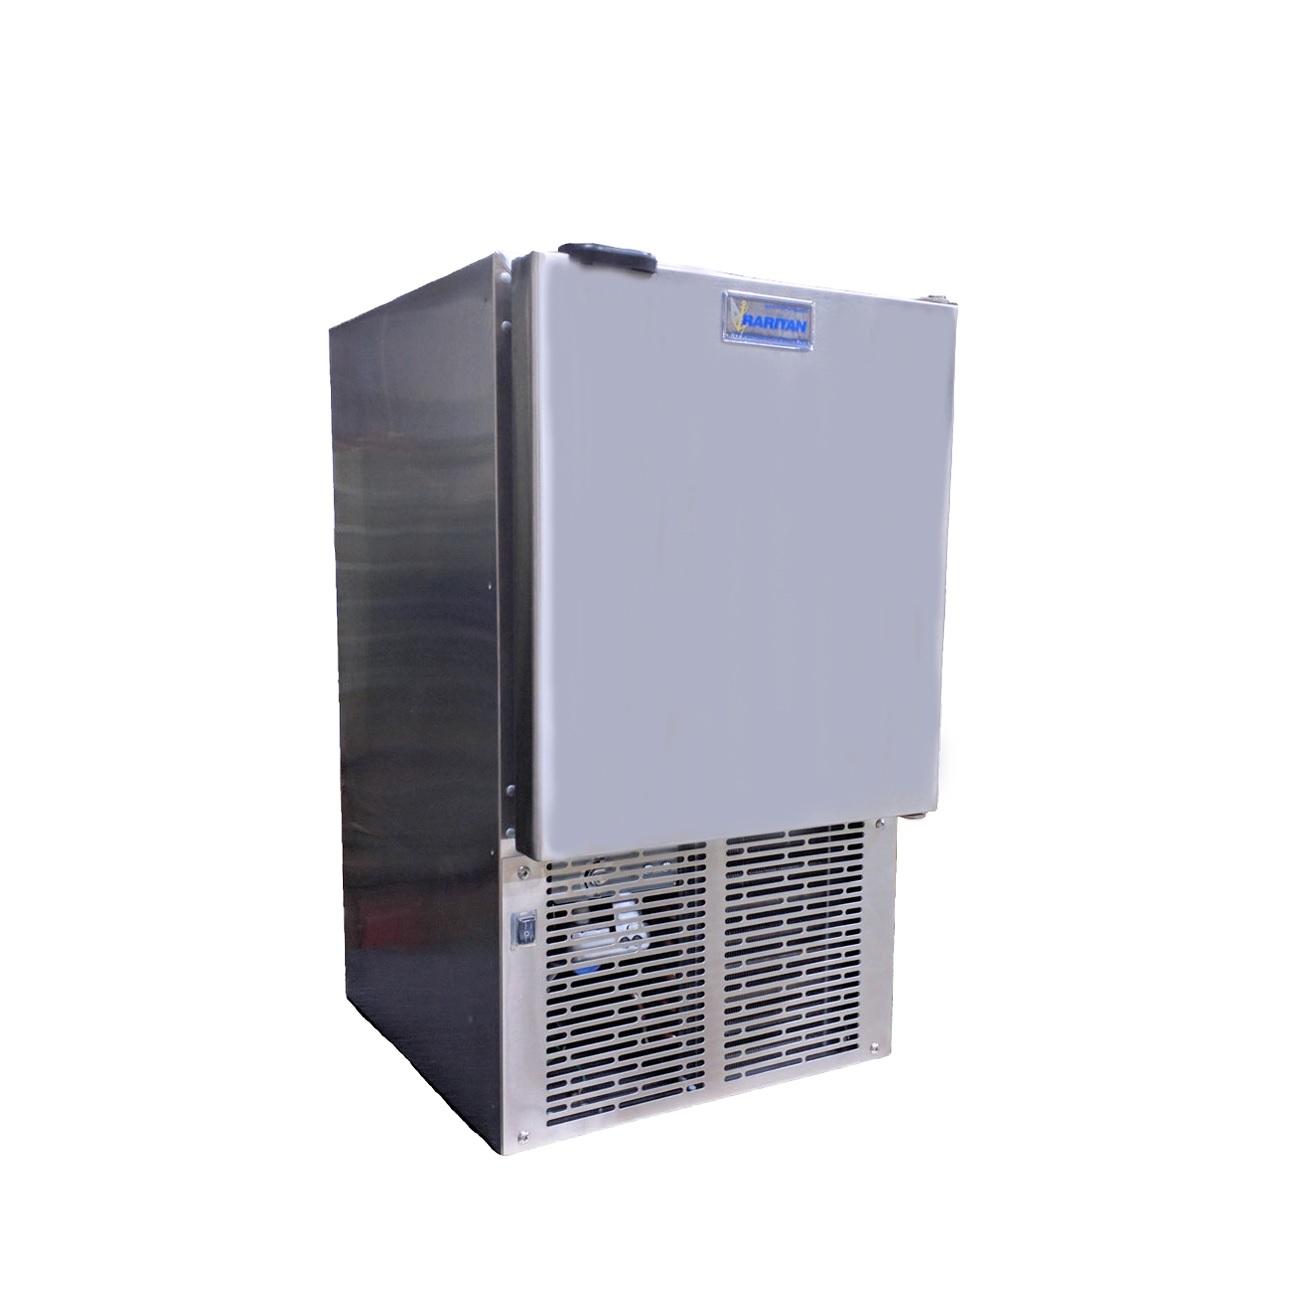 Raritan 87B515-1 Ice Maker BUILT-IN Flange 120V - # 87B515-1